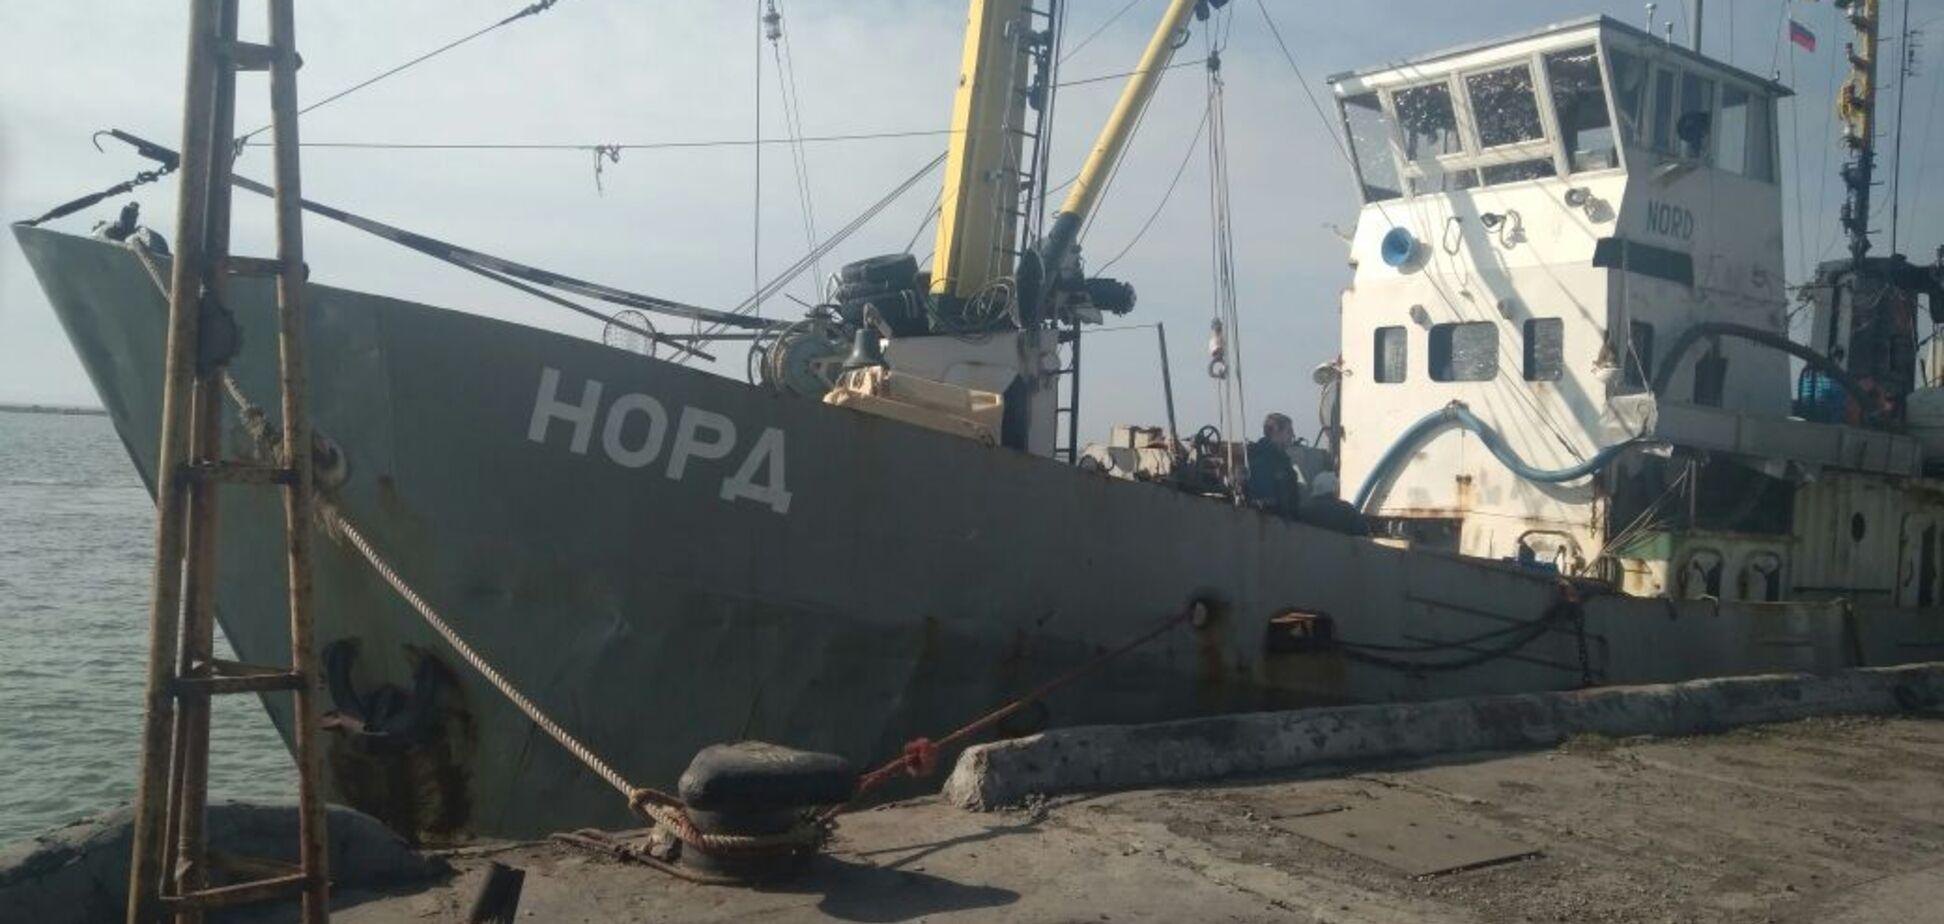 Українські прикордонники затримали корабель під прапором Росії: опубліковано відео